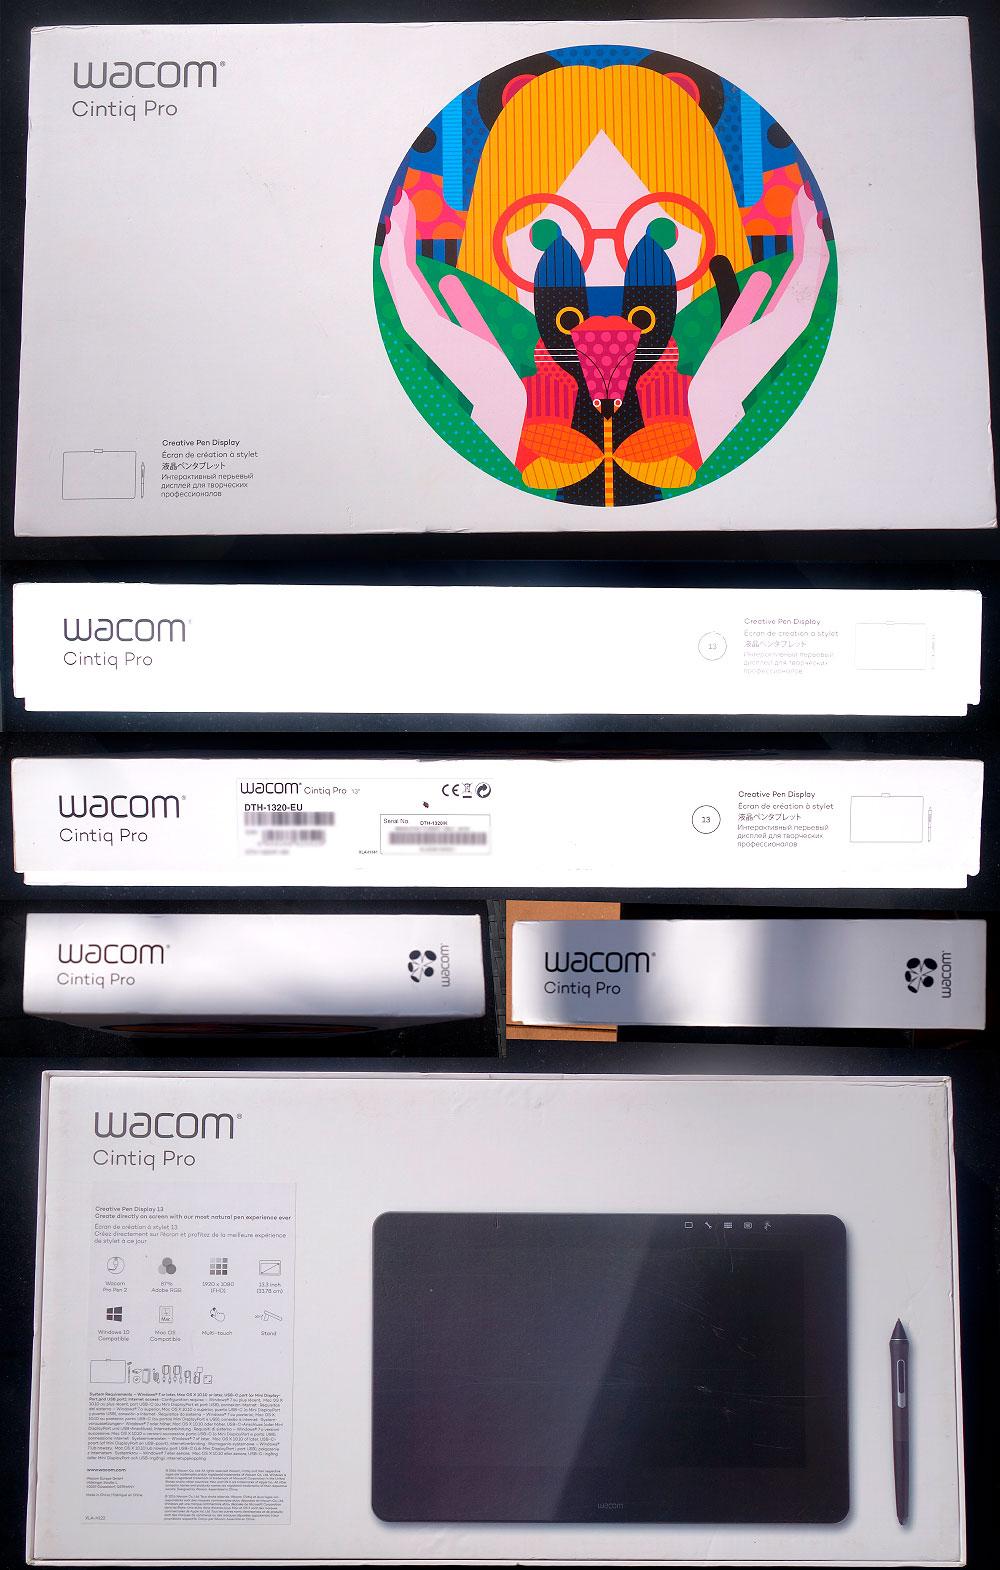 Focus sur le Wacom Cintiq Pro 13